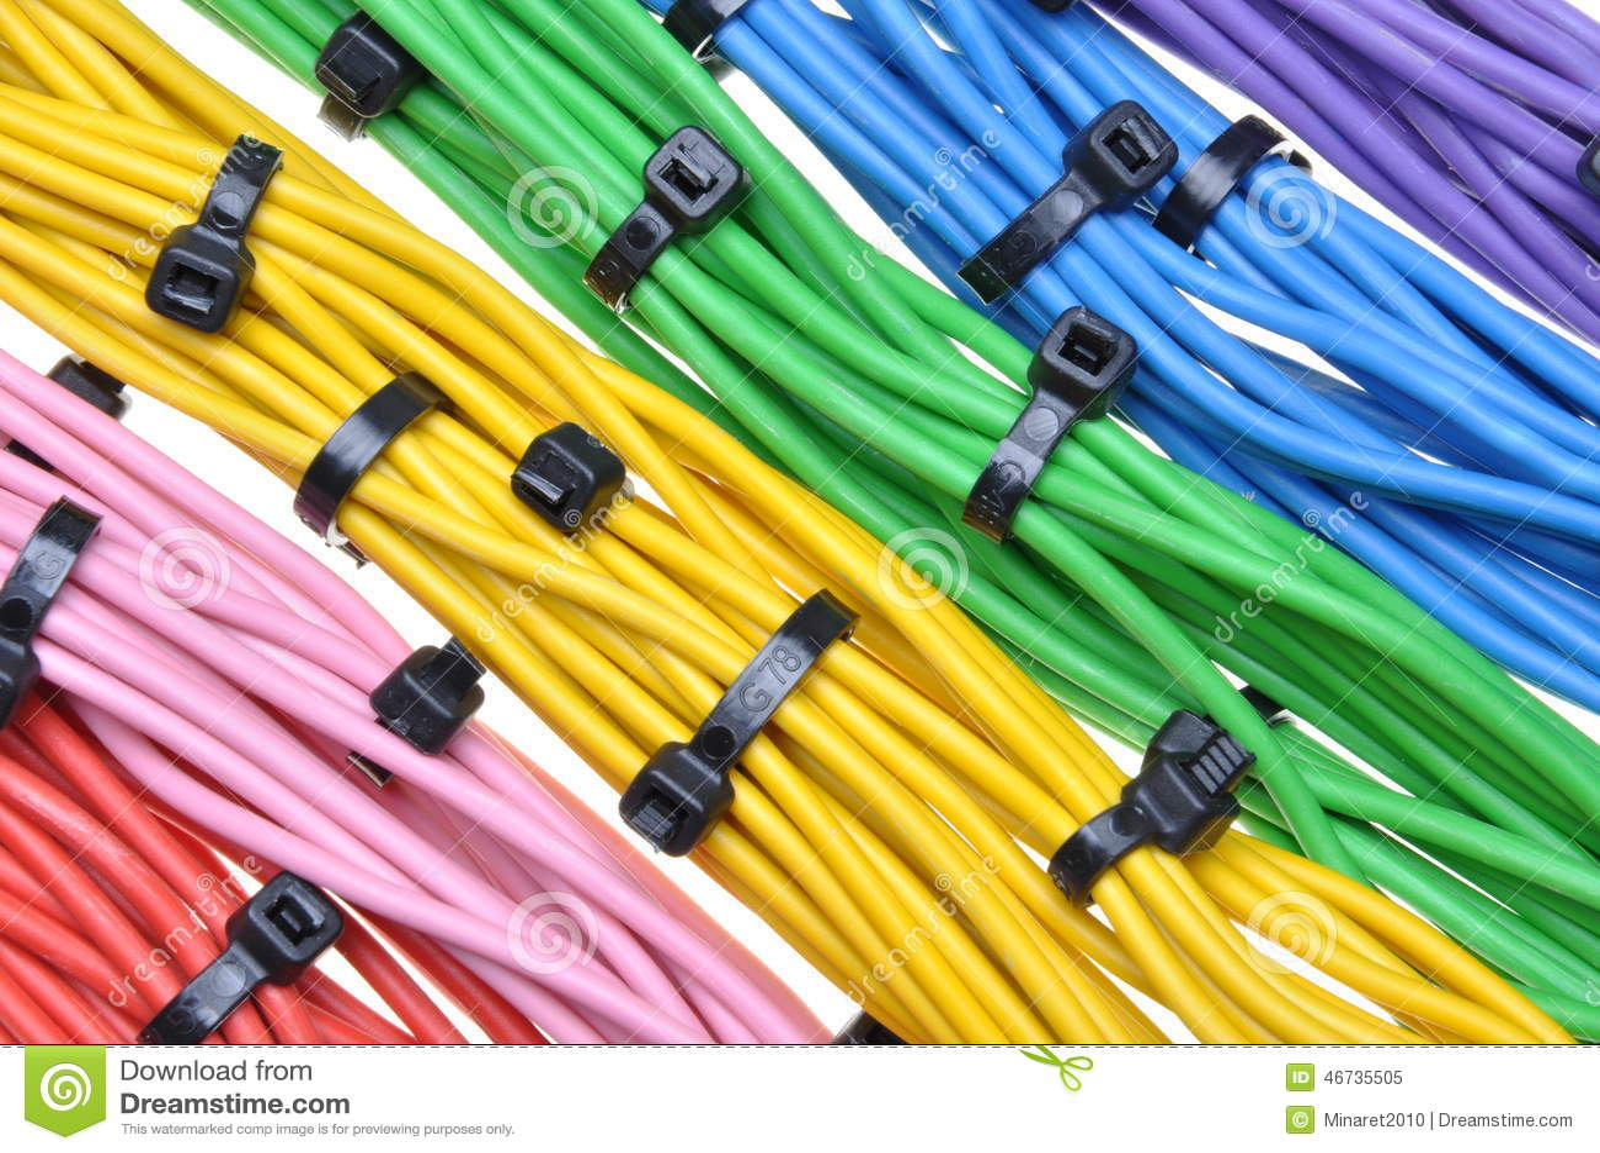 Cavi elettrici di colori con le fascette ferma cavo immagine stock immagine di isolato - Colori cavi elettrici casa ...